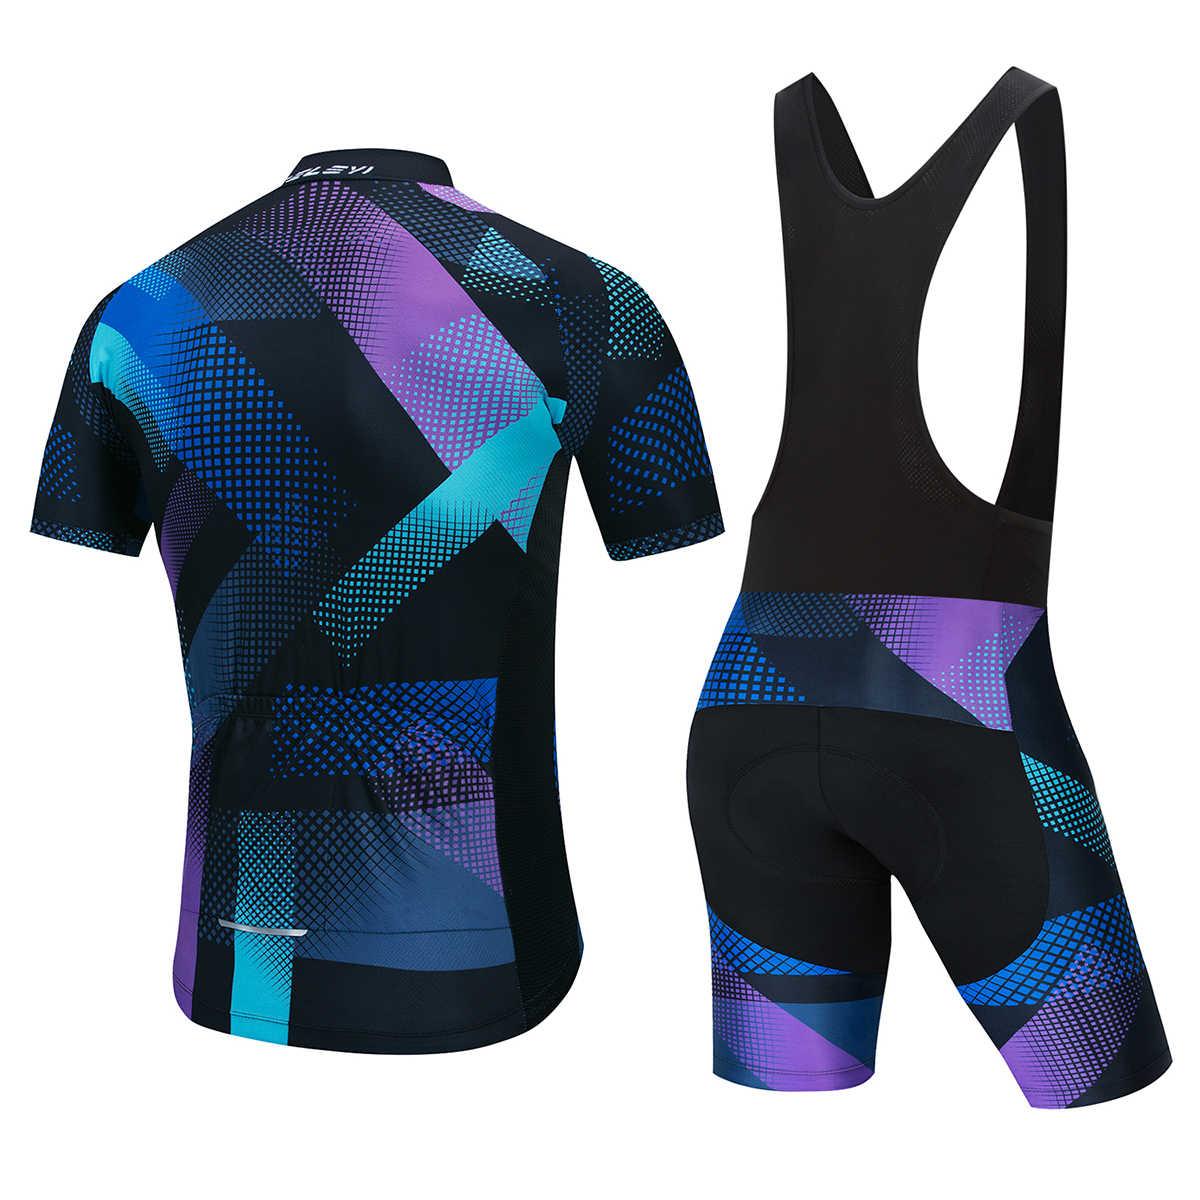 Fabrycznie dostosowane koszulka kolarska DIY koszulka z krótkim rękawem 5D podkładka żelowa spodenki na szelkach rower zespół rajdowy Biker mężczyzna kobieta kombinezon rowerowy